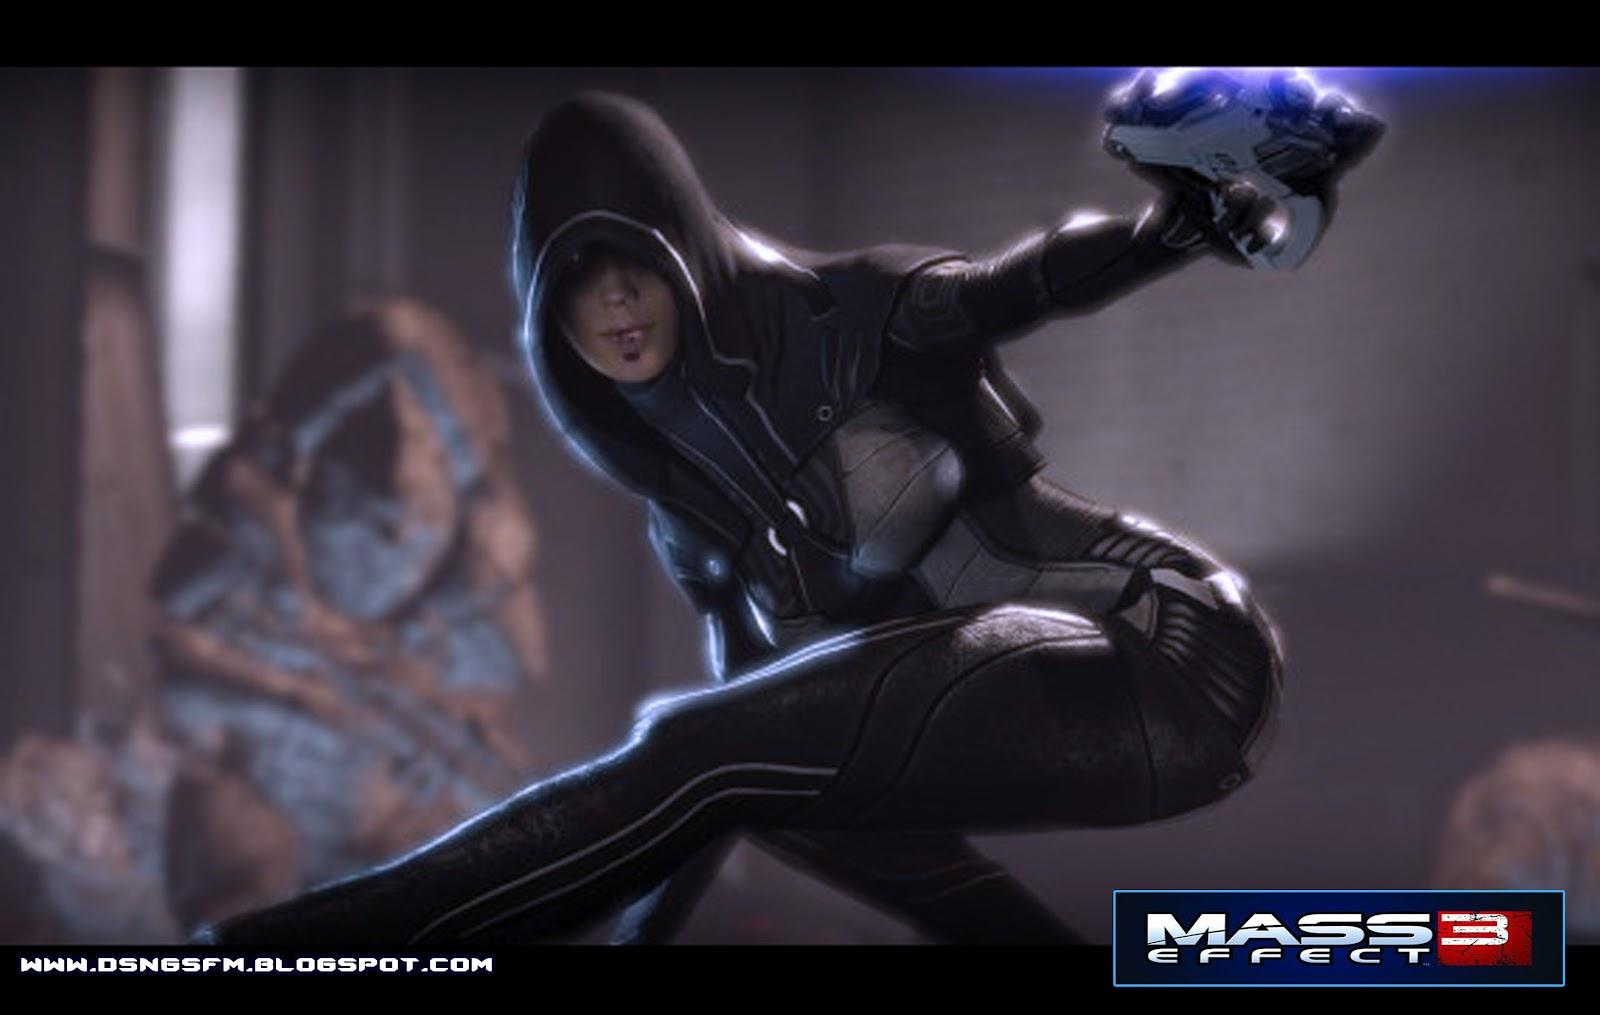 Female Assassin Wallpaper PicsWallpapercom 1600x1015